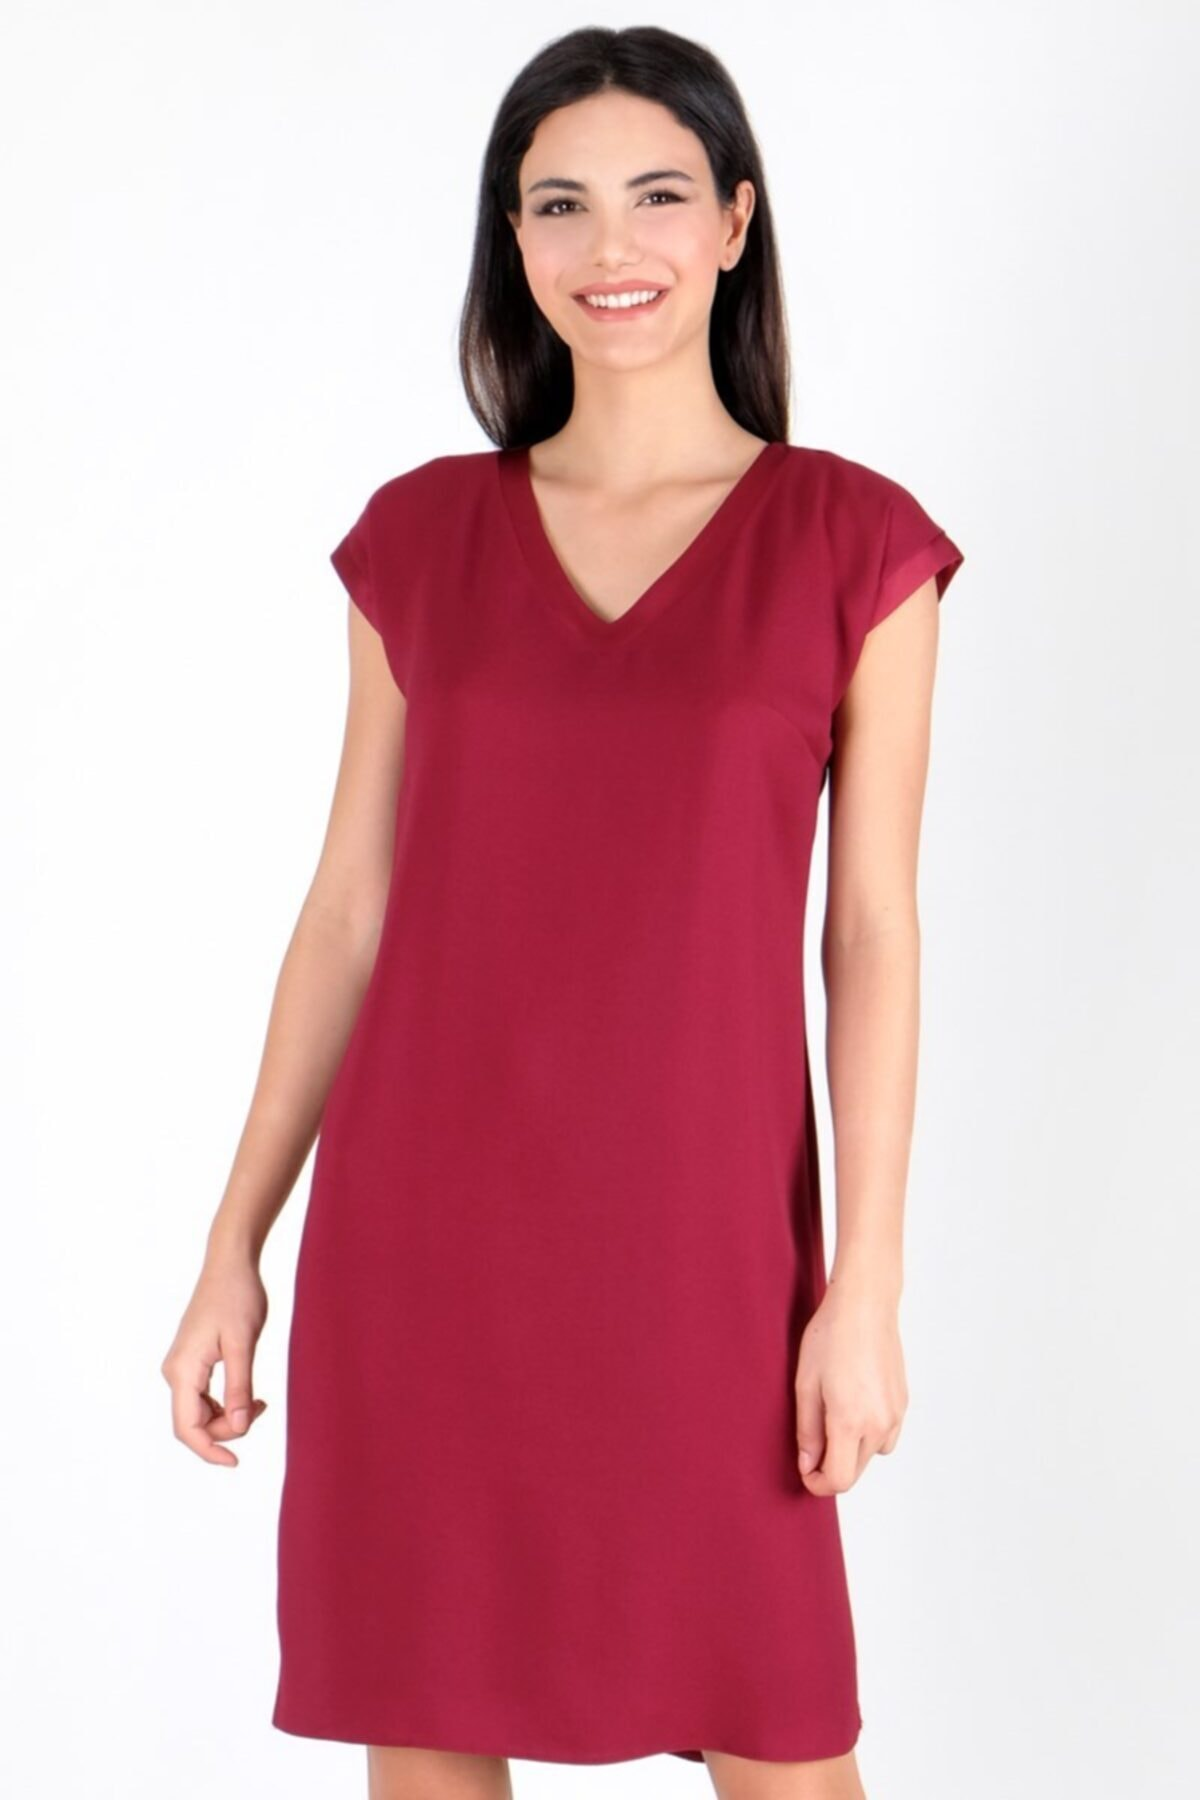 Spazio Kadın Bordo Manuelo V Yaka Sırtı Düğmeli Bantlı Elbise 50095795 1